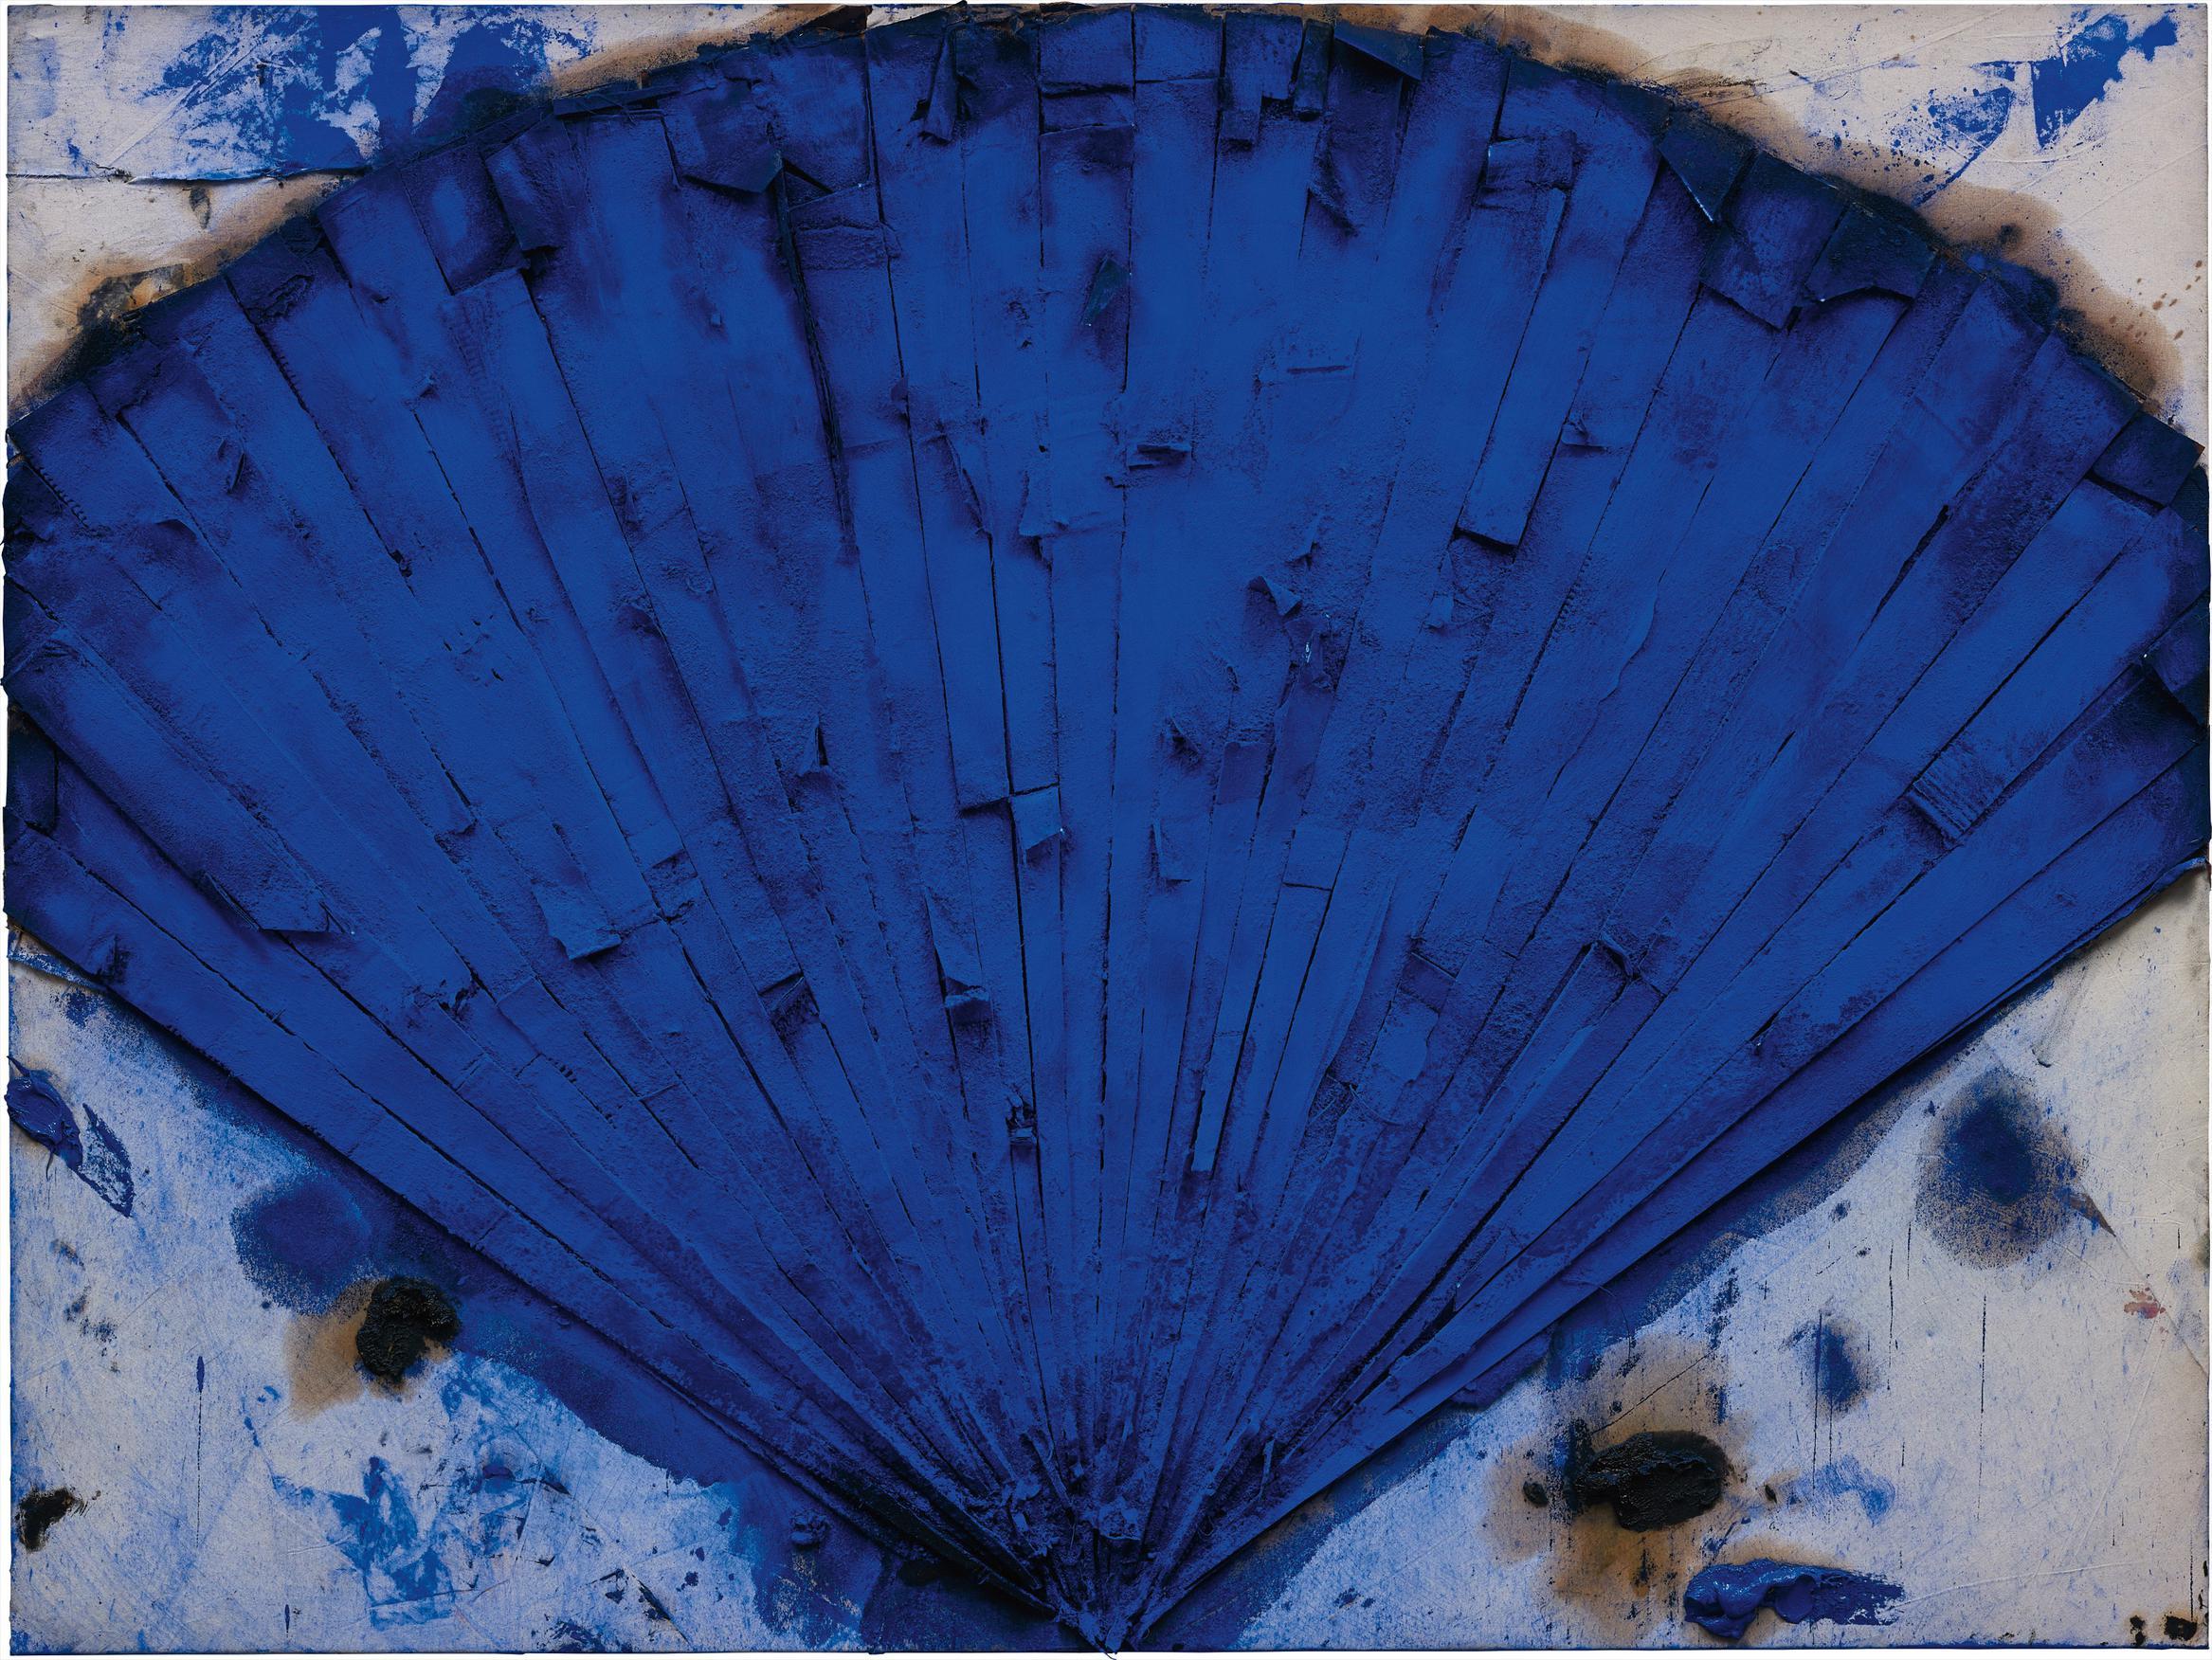 Manolo Valdes-Abanico Azul-2004